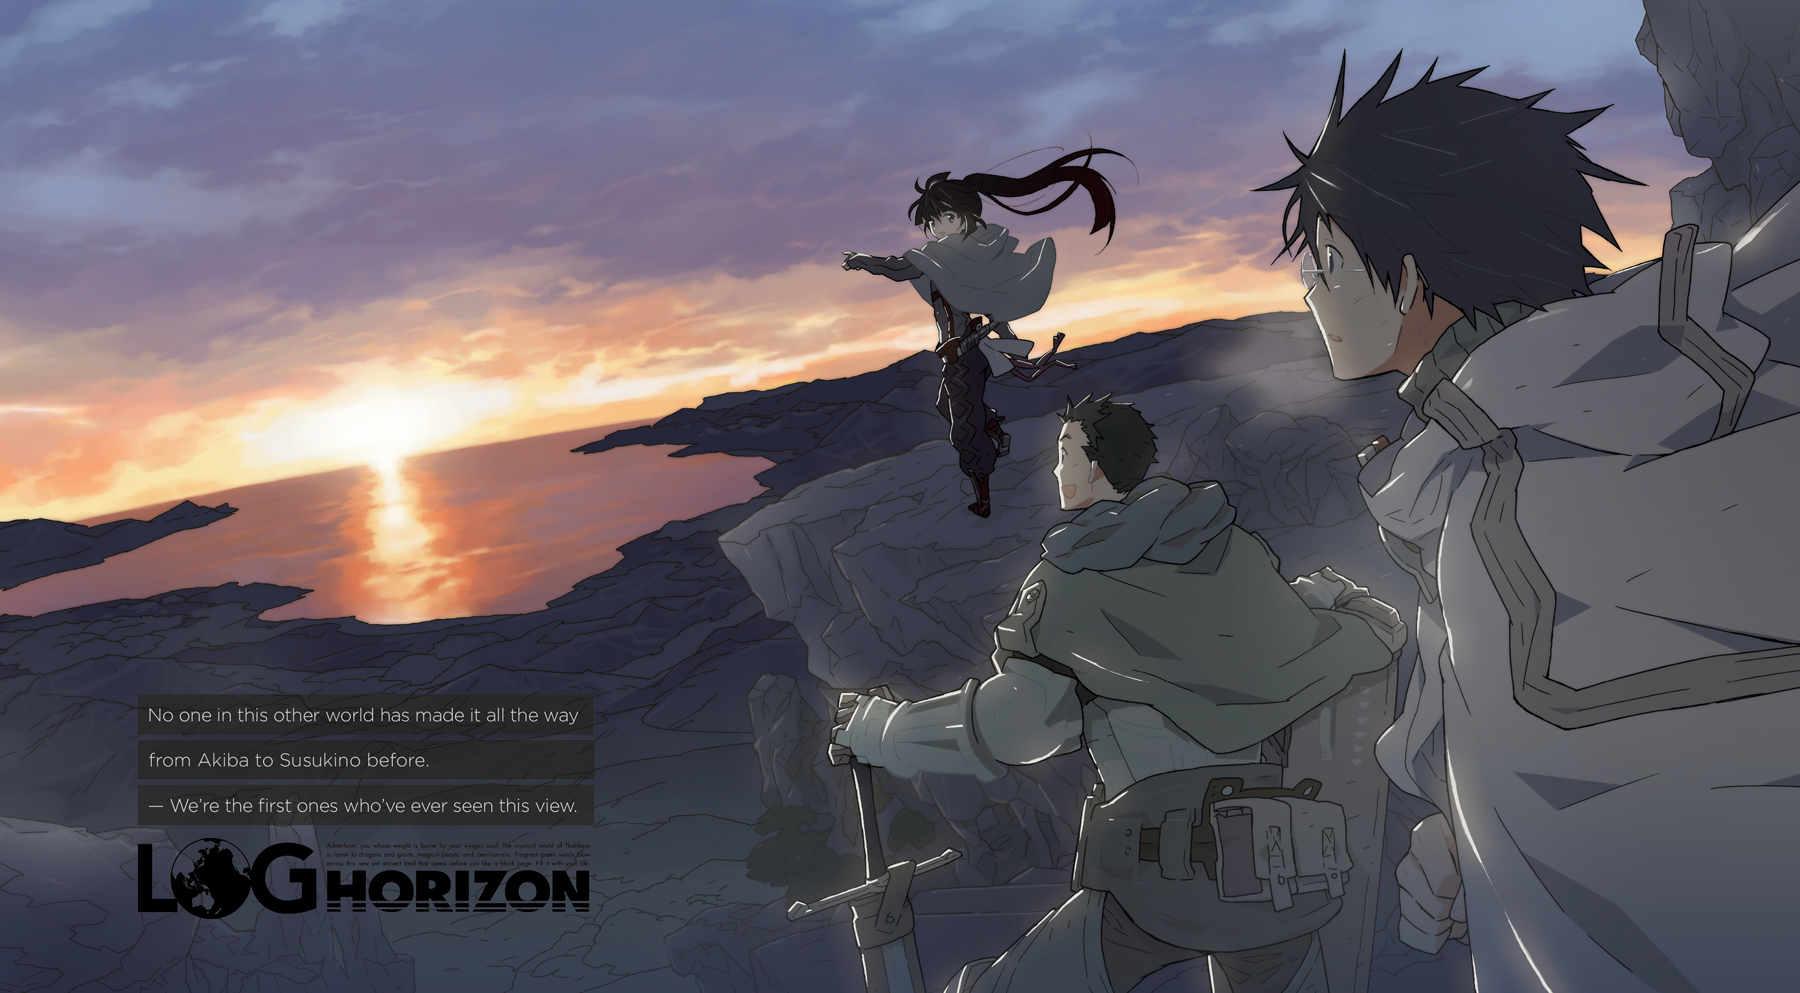 """Ilustración del Vol. 1 de """"Log Horizon"""", obra de Kazuhiro Hara, en la que aparecen los personajes principales Shiroe, Naotsugu y Akatsuki."""